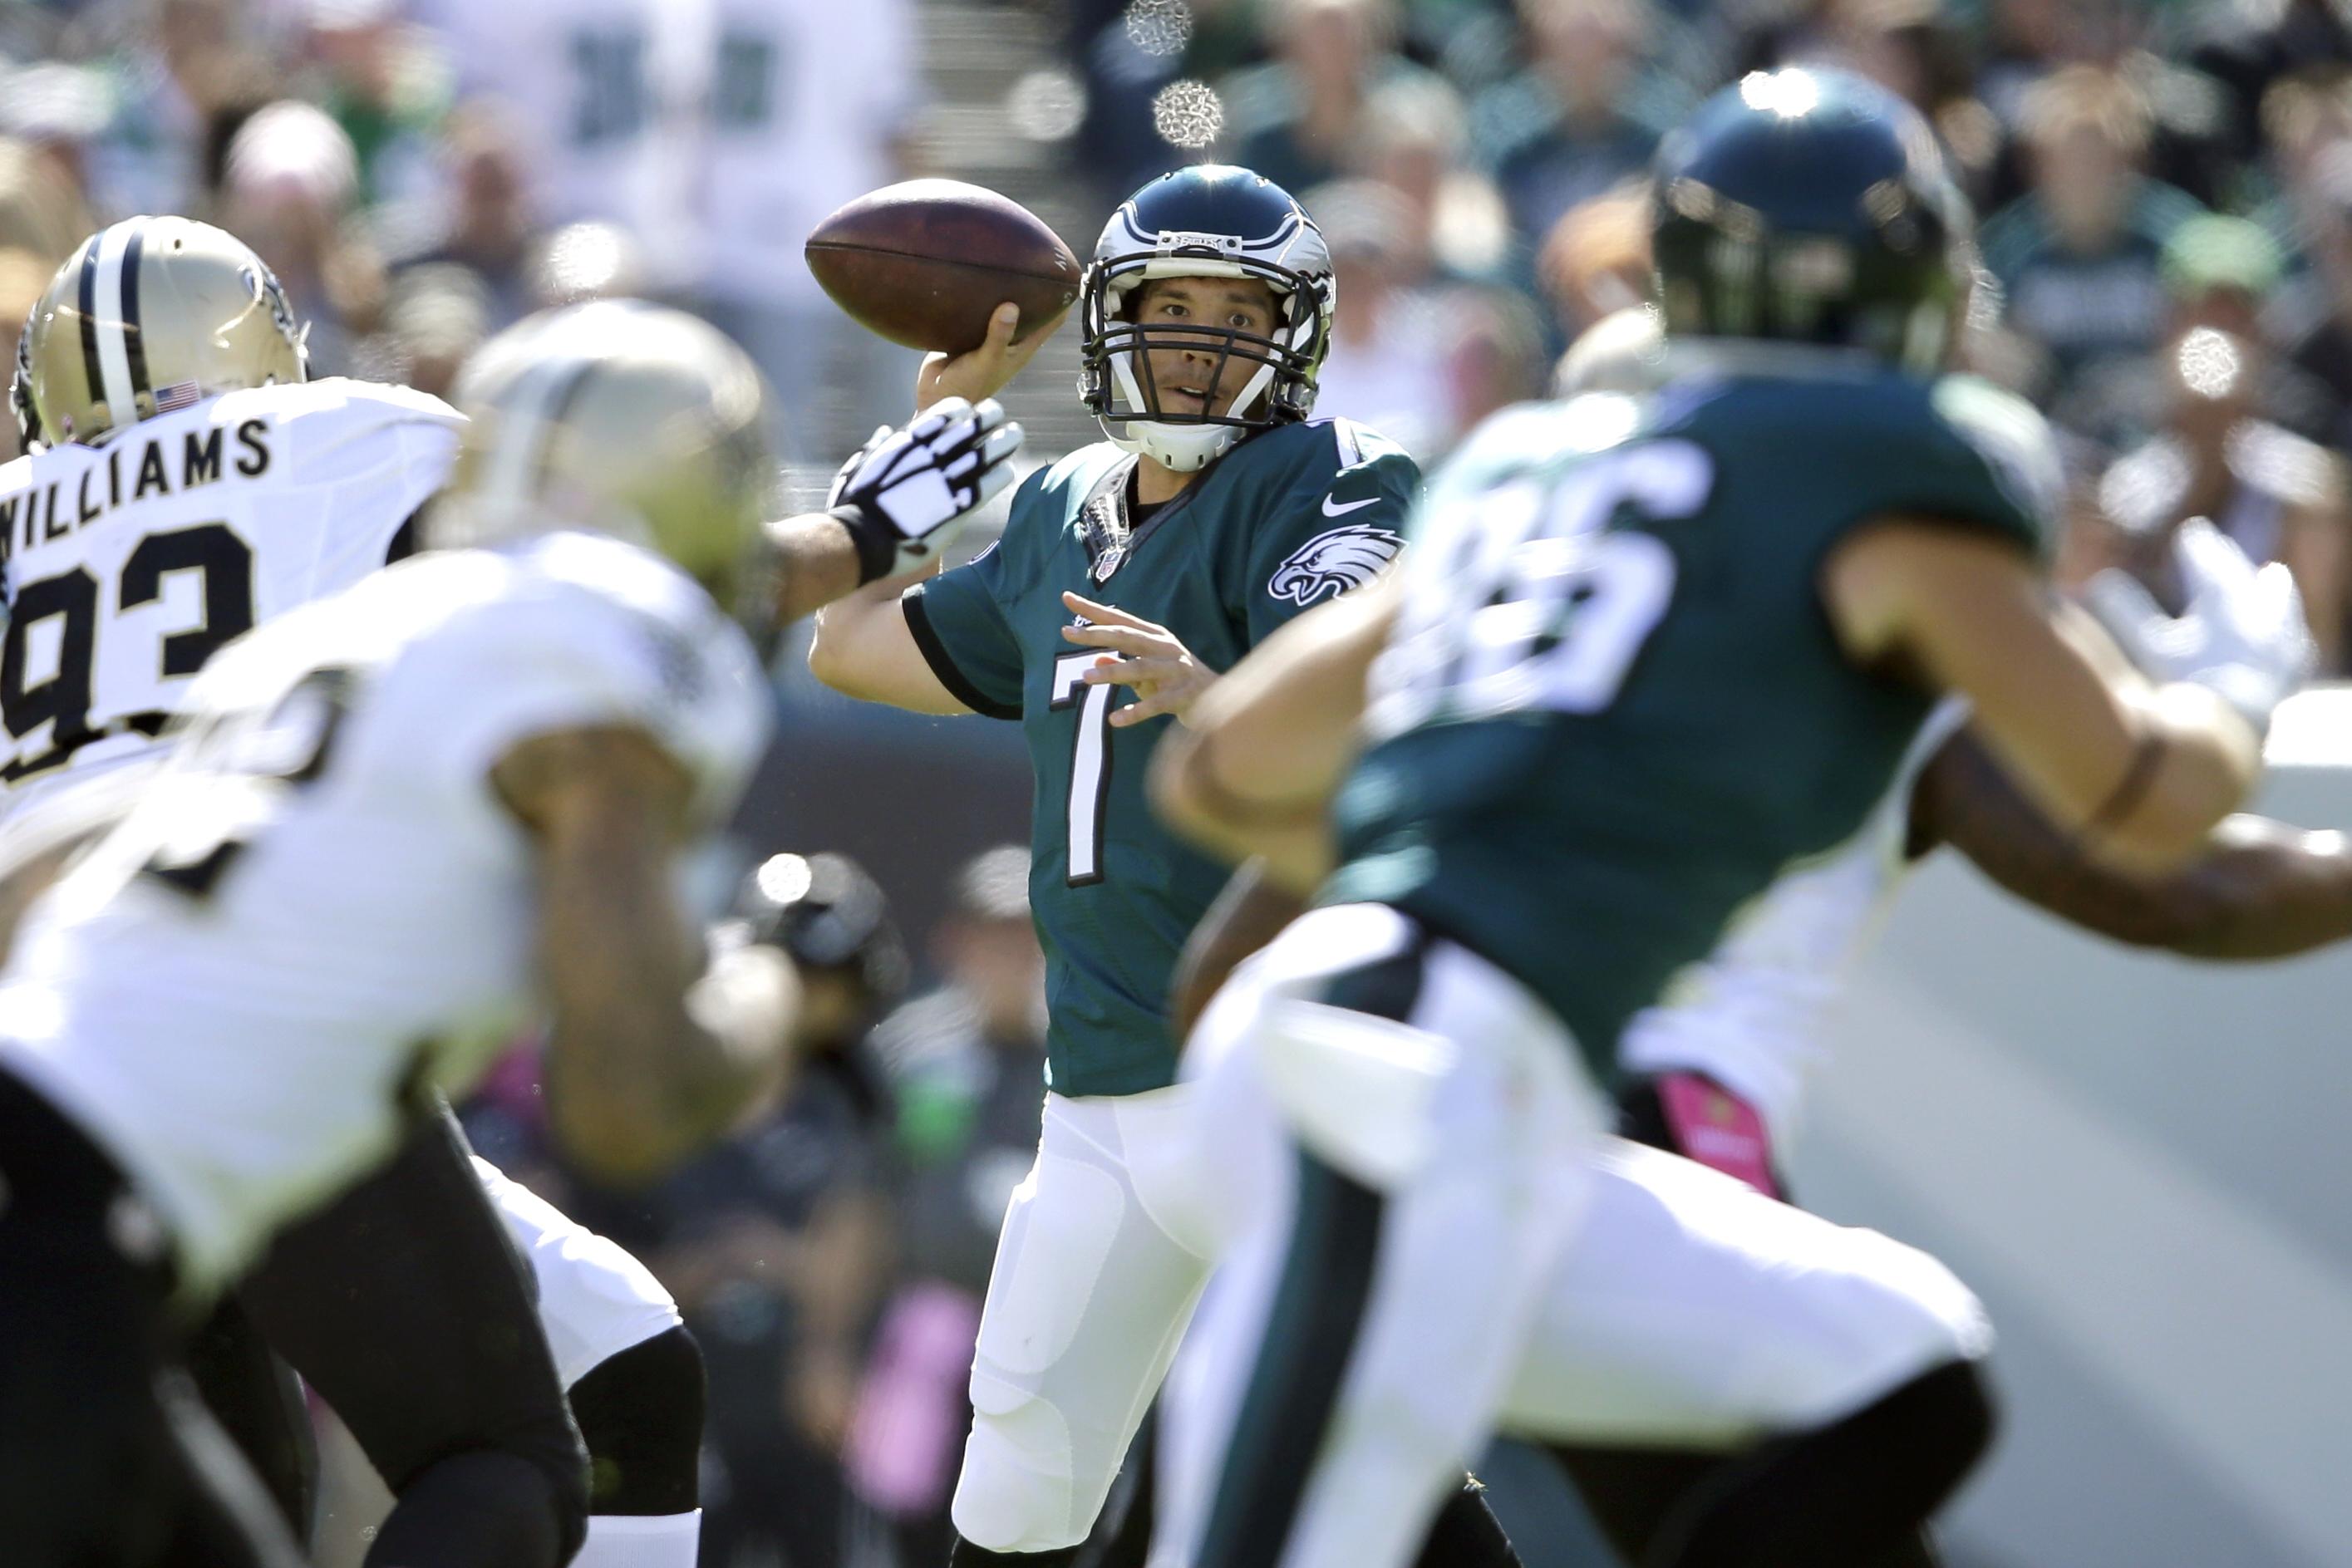 Philadelphia Eagles' Sam Bradford passes during the first half of an NFL football game against the New Orleans Saints, Sunday, Oct. 11, 2015, in Philadelphia. (AP Photo/Matt Rourke)